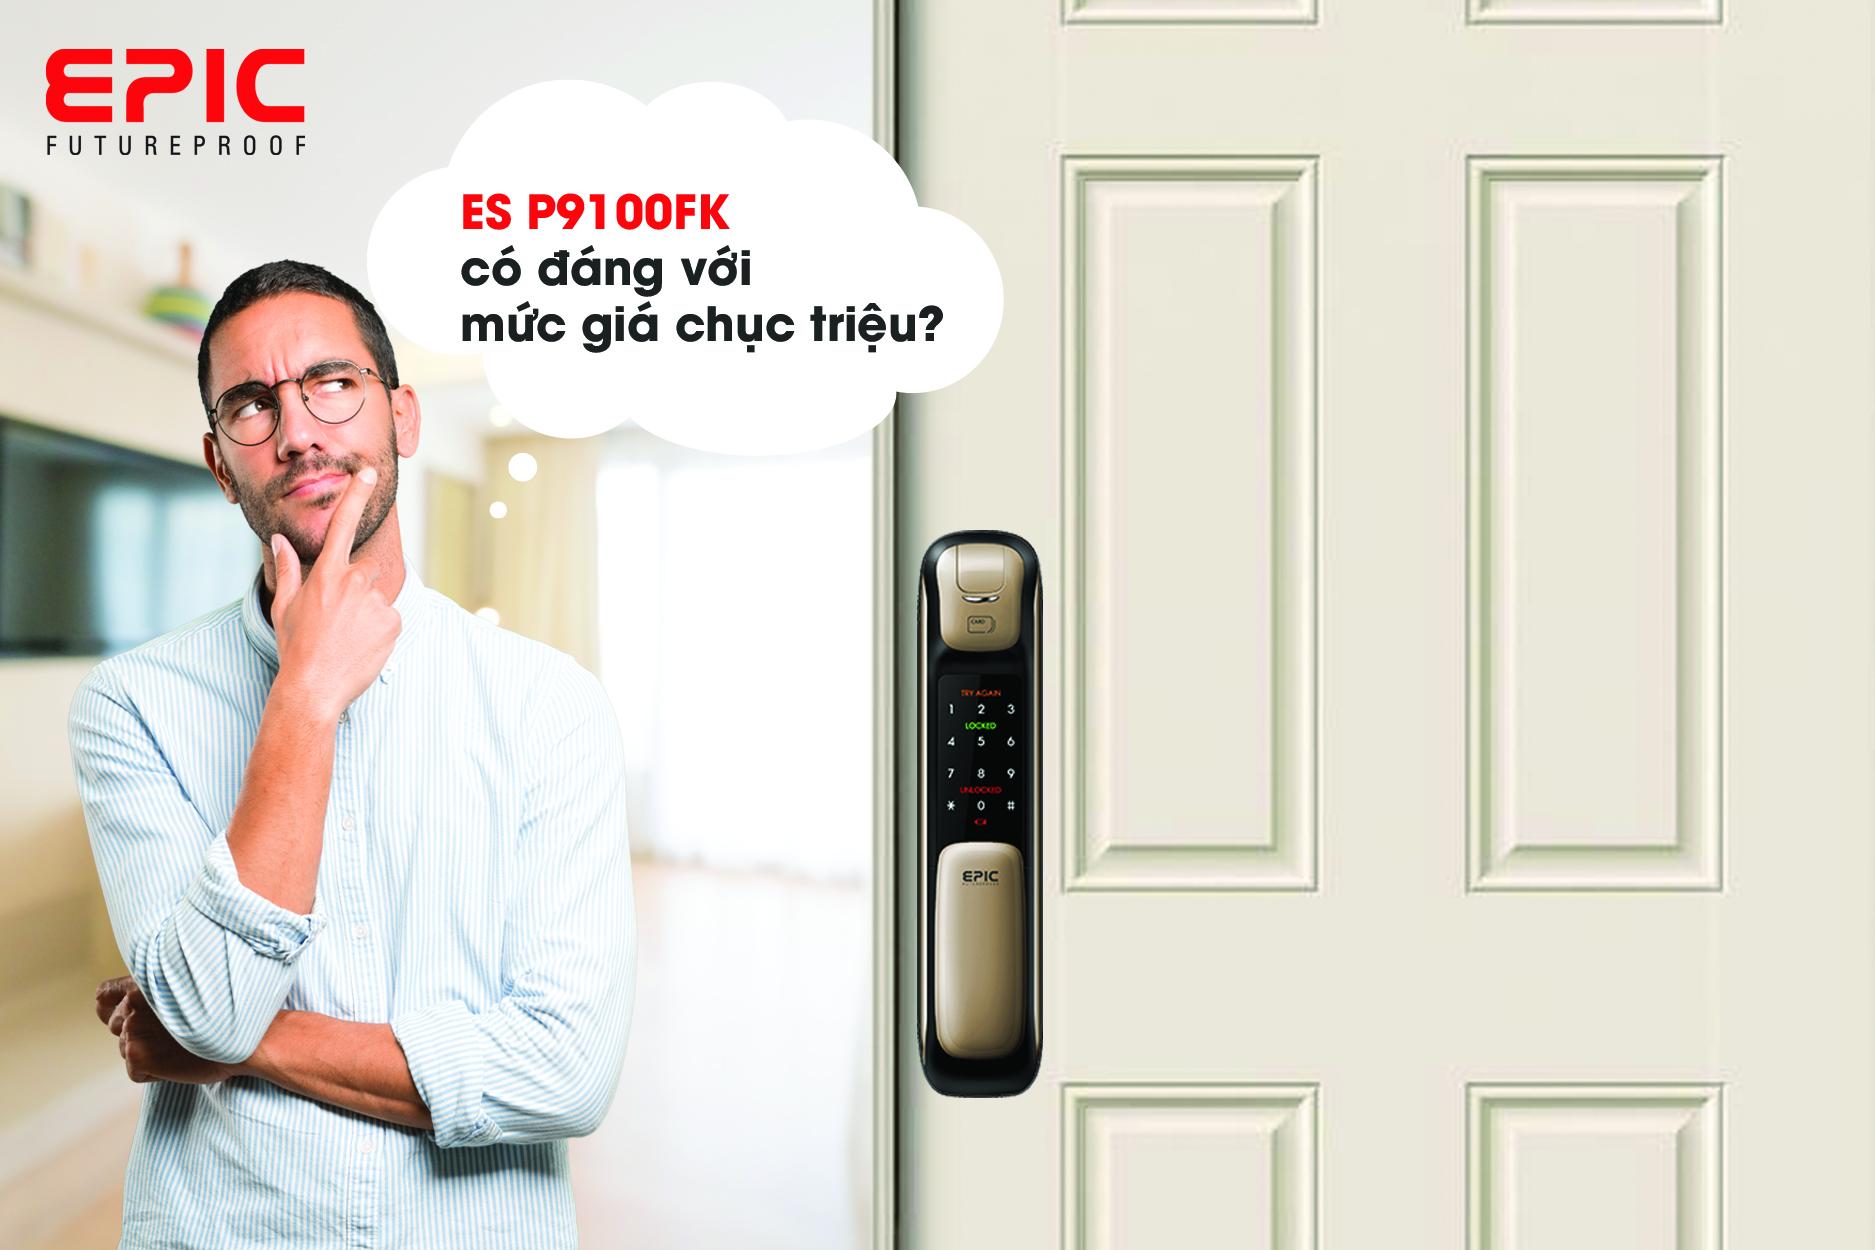 khoa-van-tay-epic-es-p9100fk